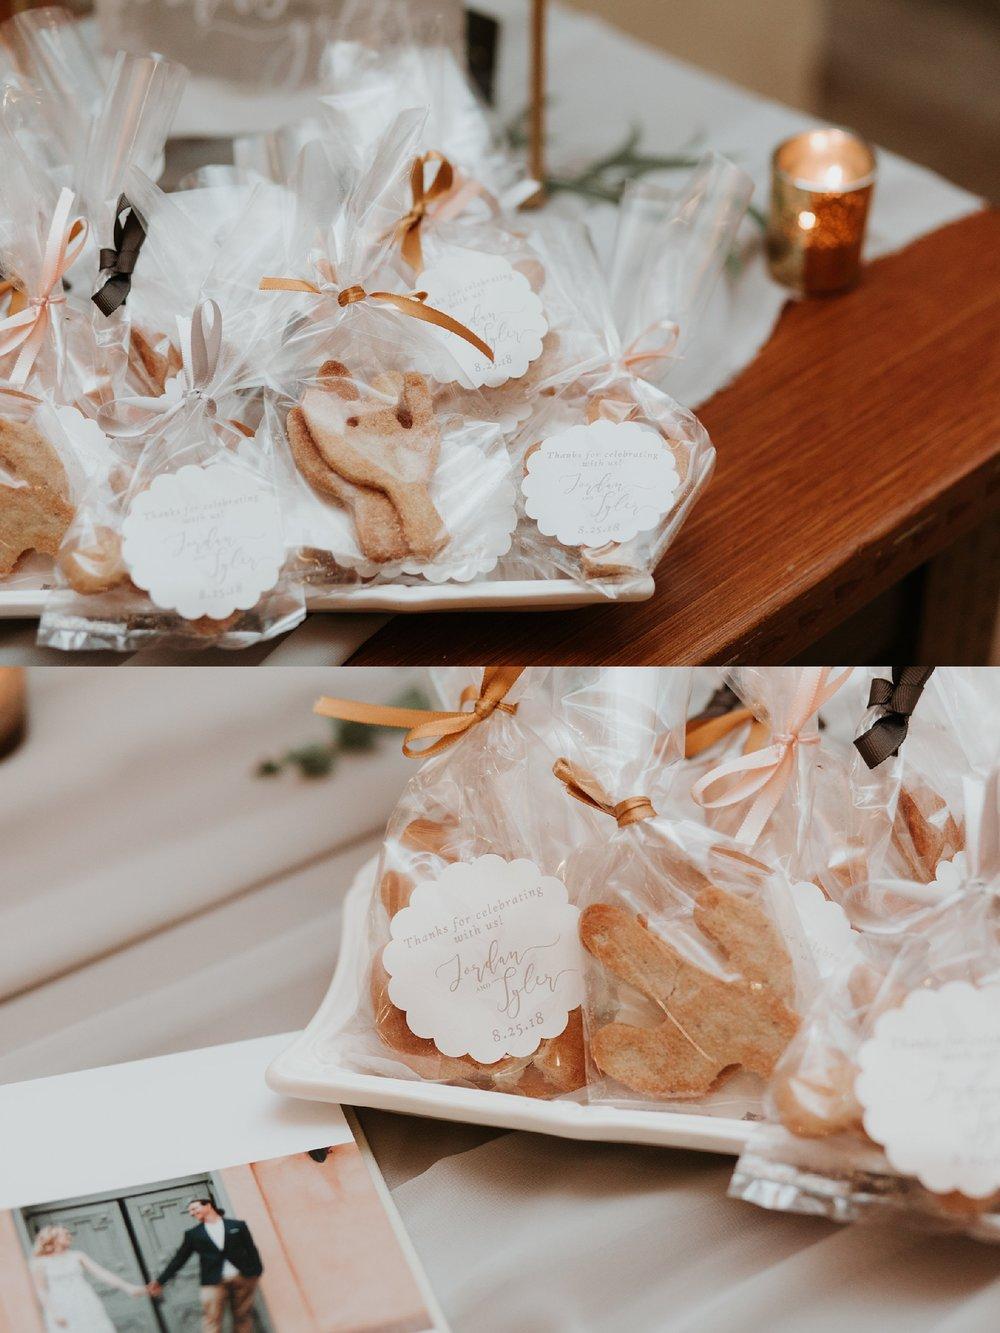 Alicia+lucia+photography+-+albuquerque+wedding+photographer+-+santa+fe+wedding+photography+-+new+mexico+wedding+photographer+-+new+mexico+wedding+-+santa+fe+wedding+-+albuquerque+wedding+-+southwest+wedding+traditions_0045.jpg